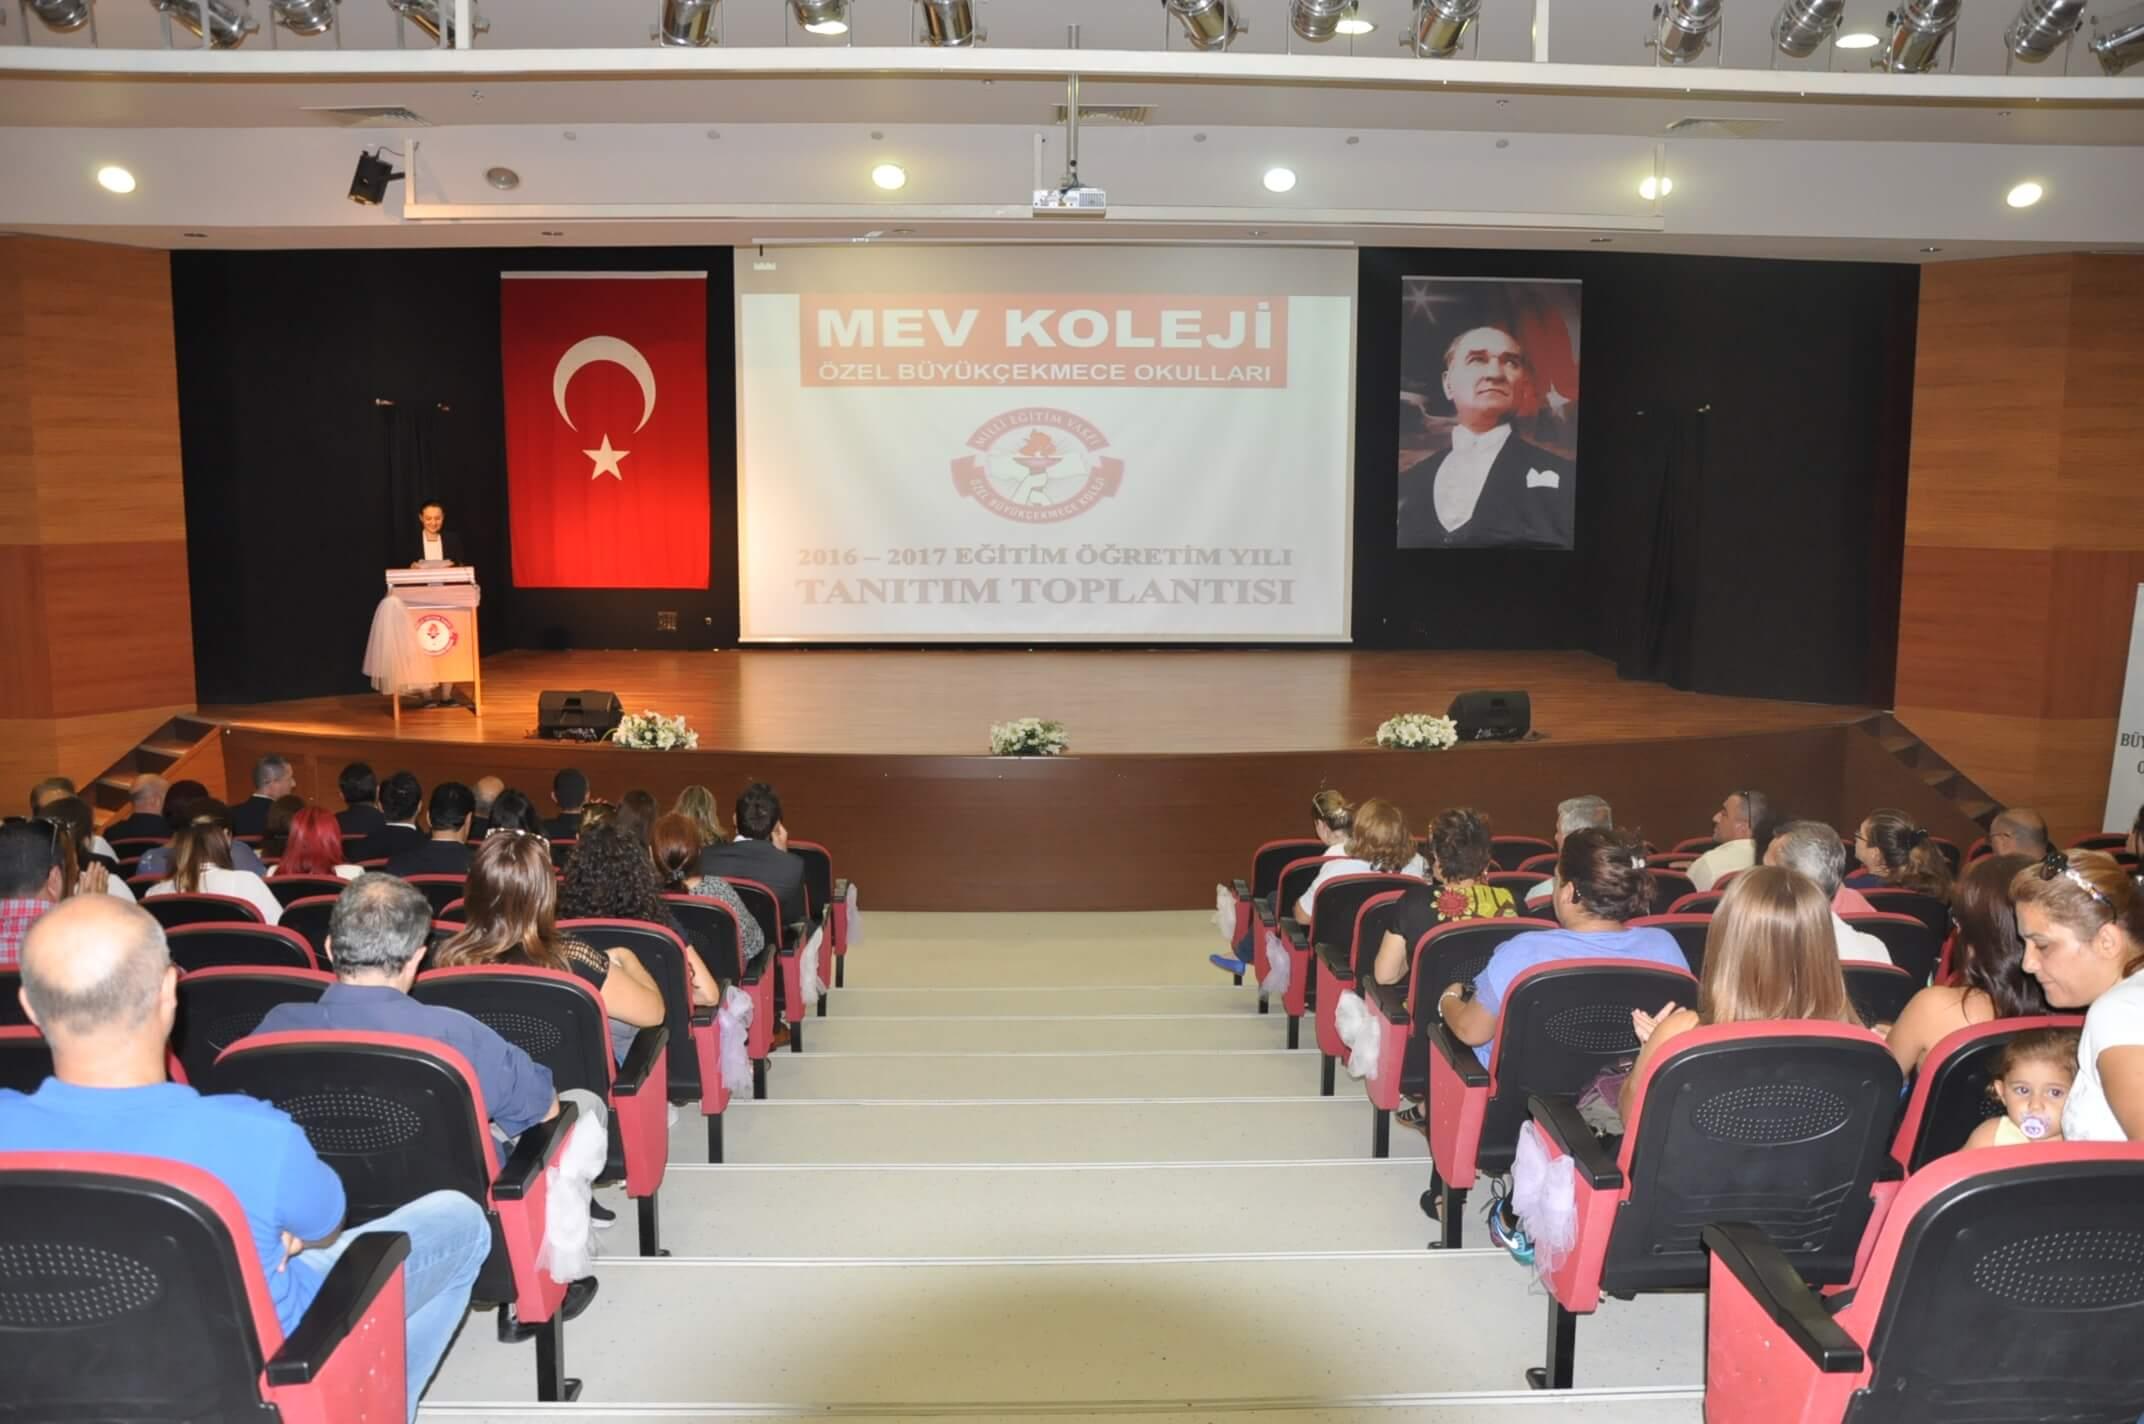 Anadolu Lisesi ve Fen Lisesi Öğrencilerimizin Velilerine Yönelik Ders Öğretmenlerinin Tanışma Toplantısı Gerçekleştirildi